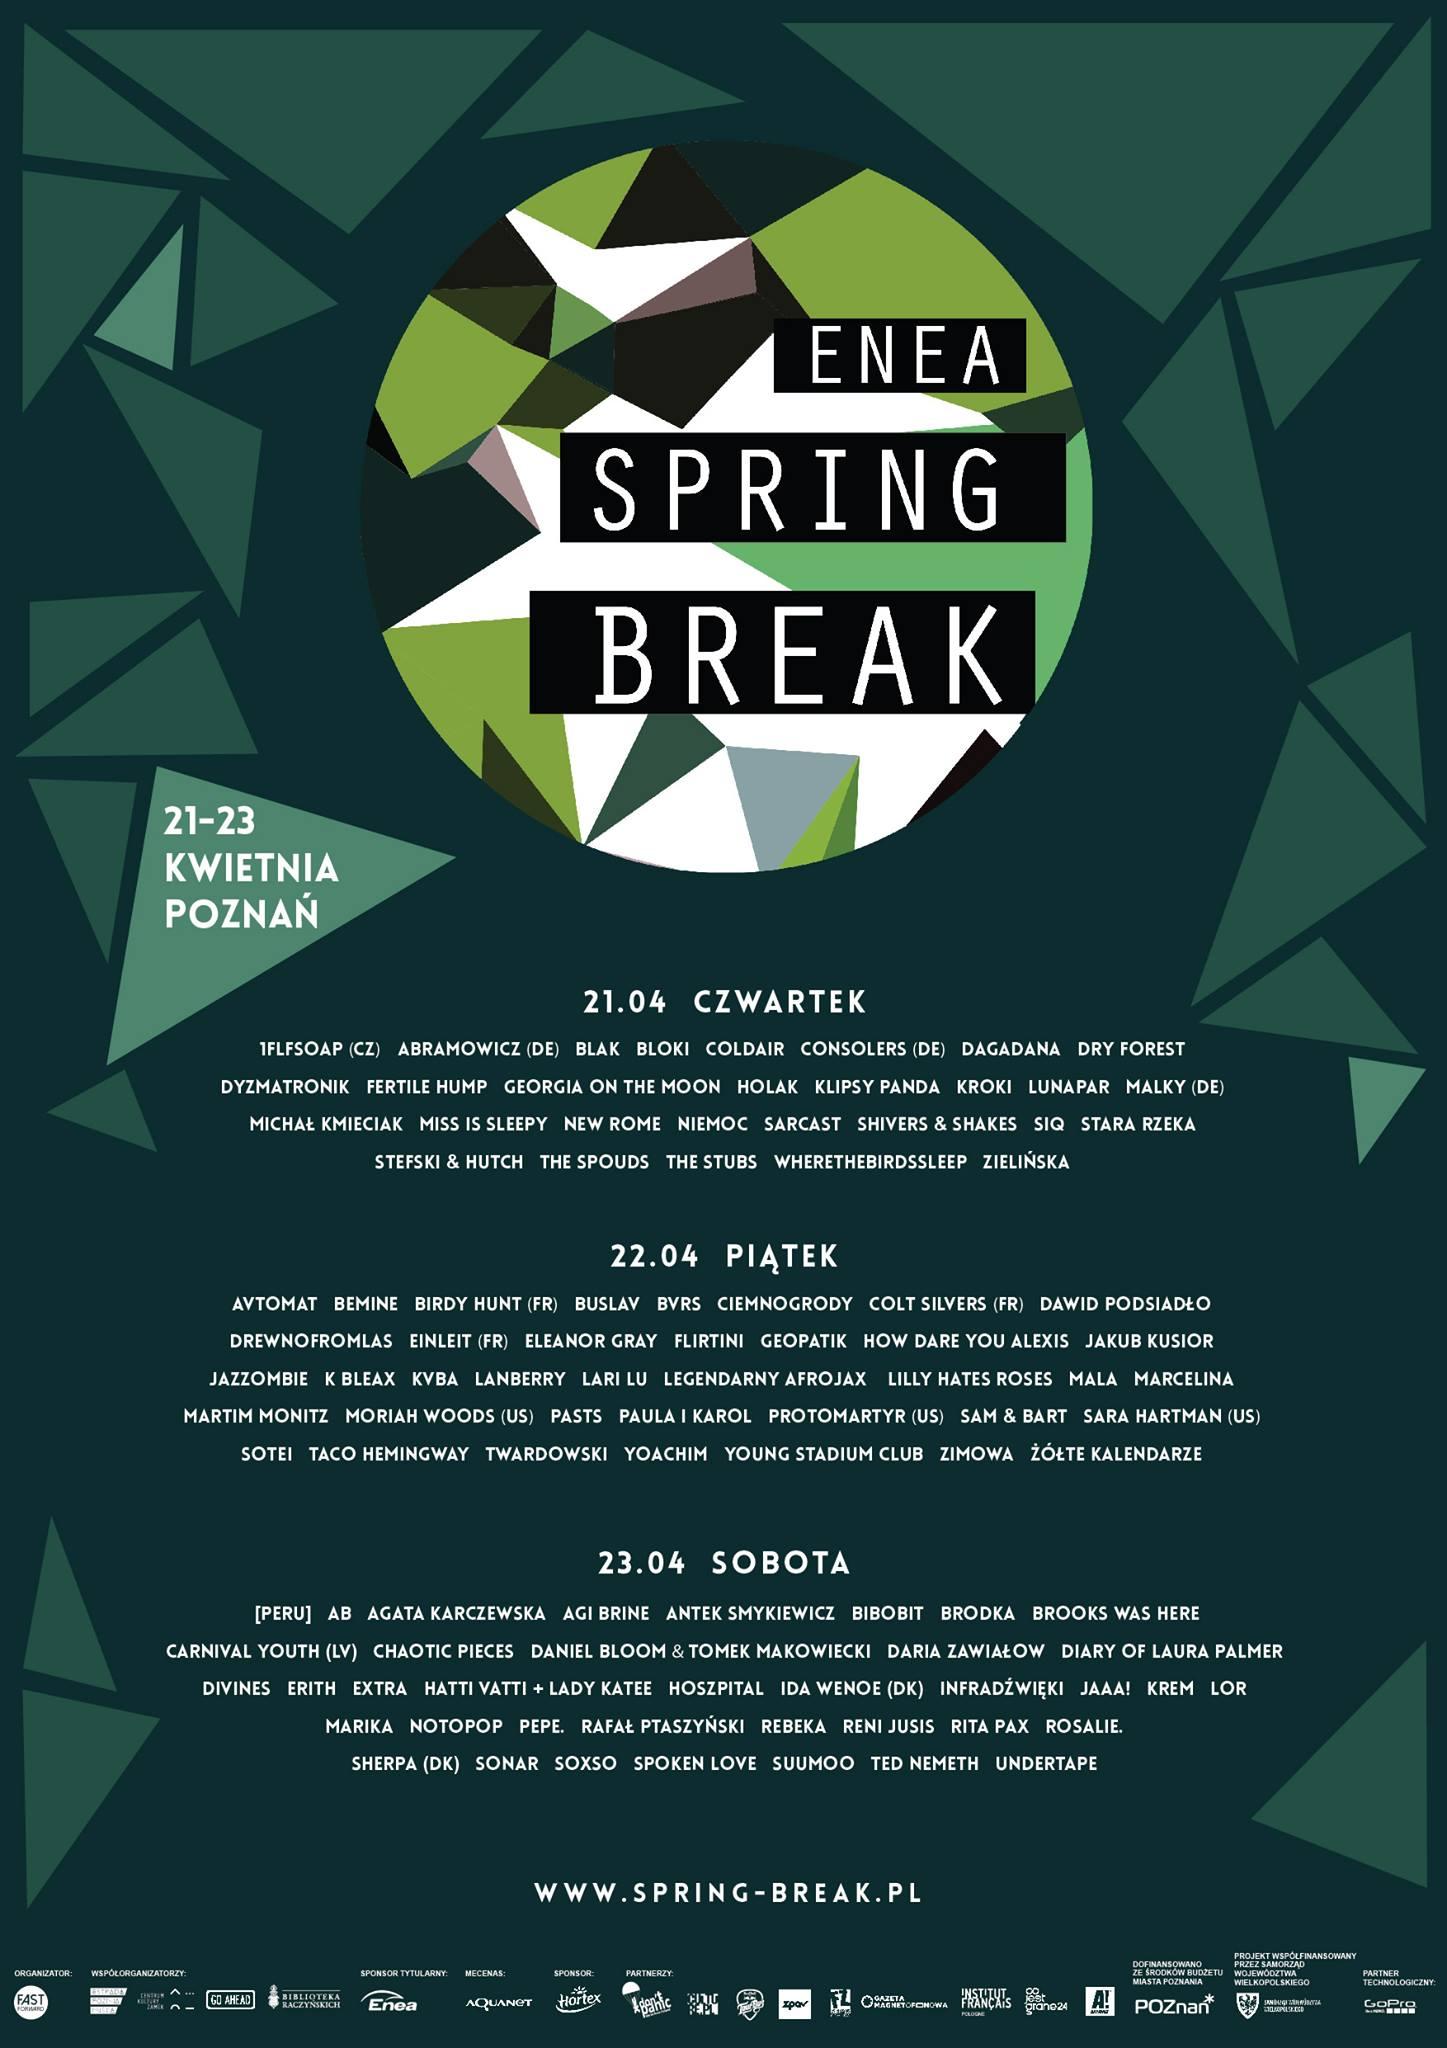 Kogo zobaczę na Spring Breaku